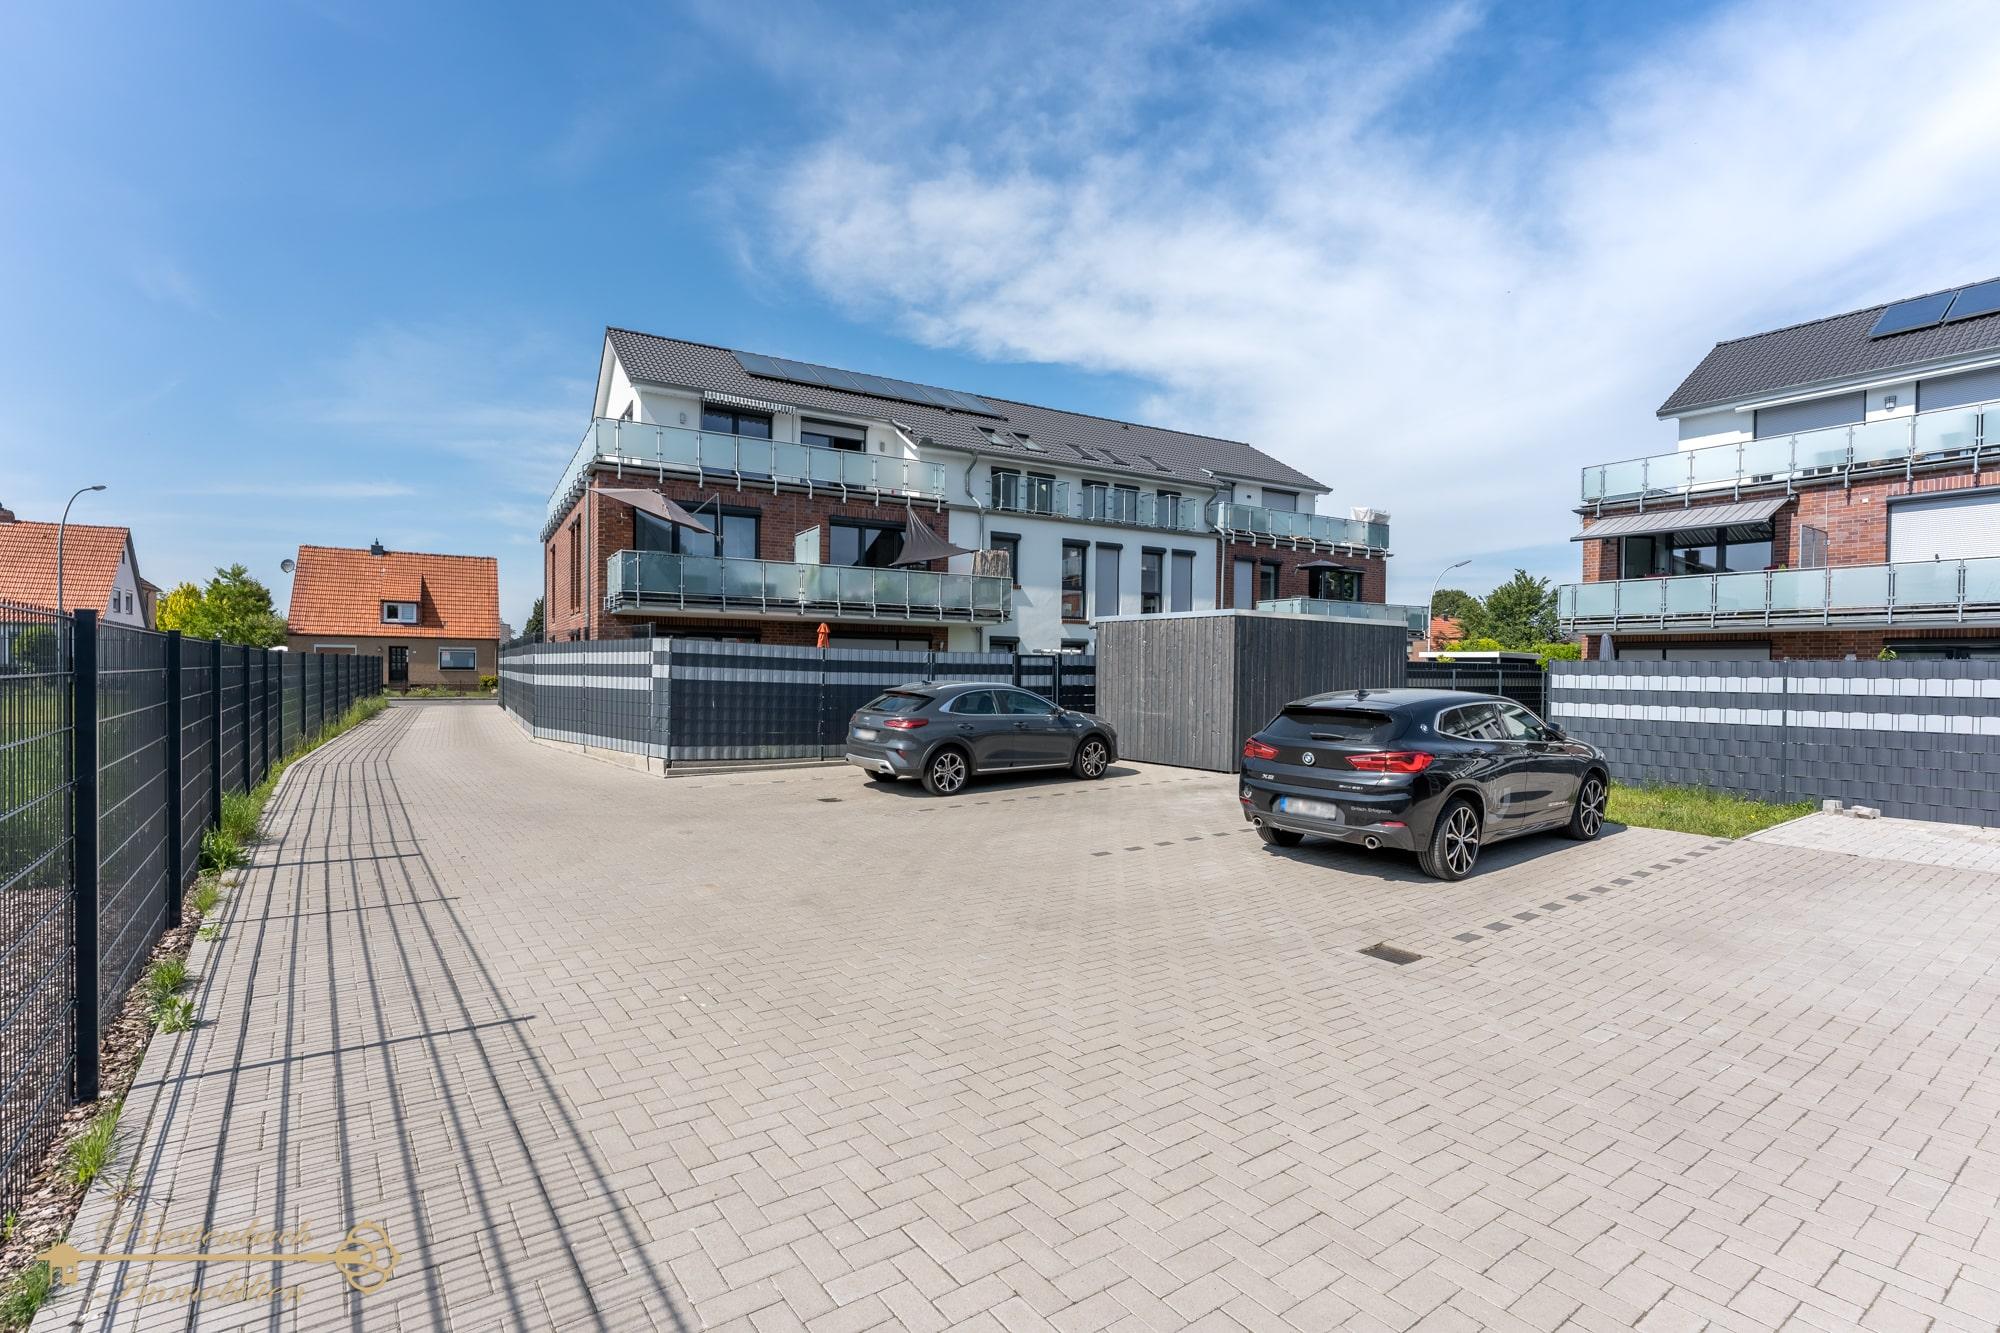 2021-06-01-Breitenbach-Immobilien-Makler-Bremen-18-min